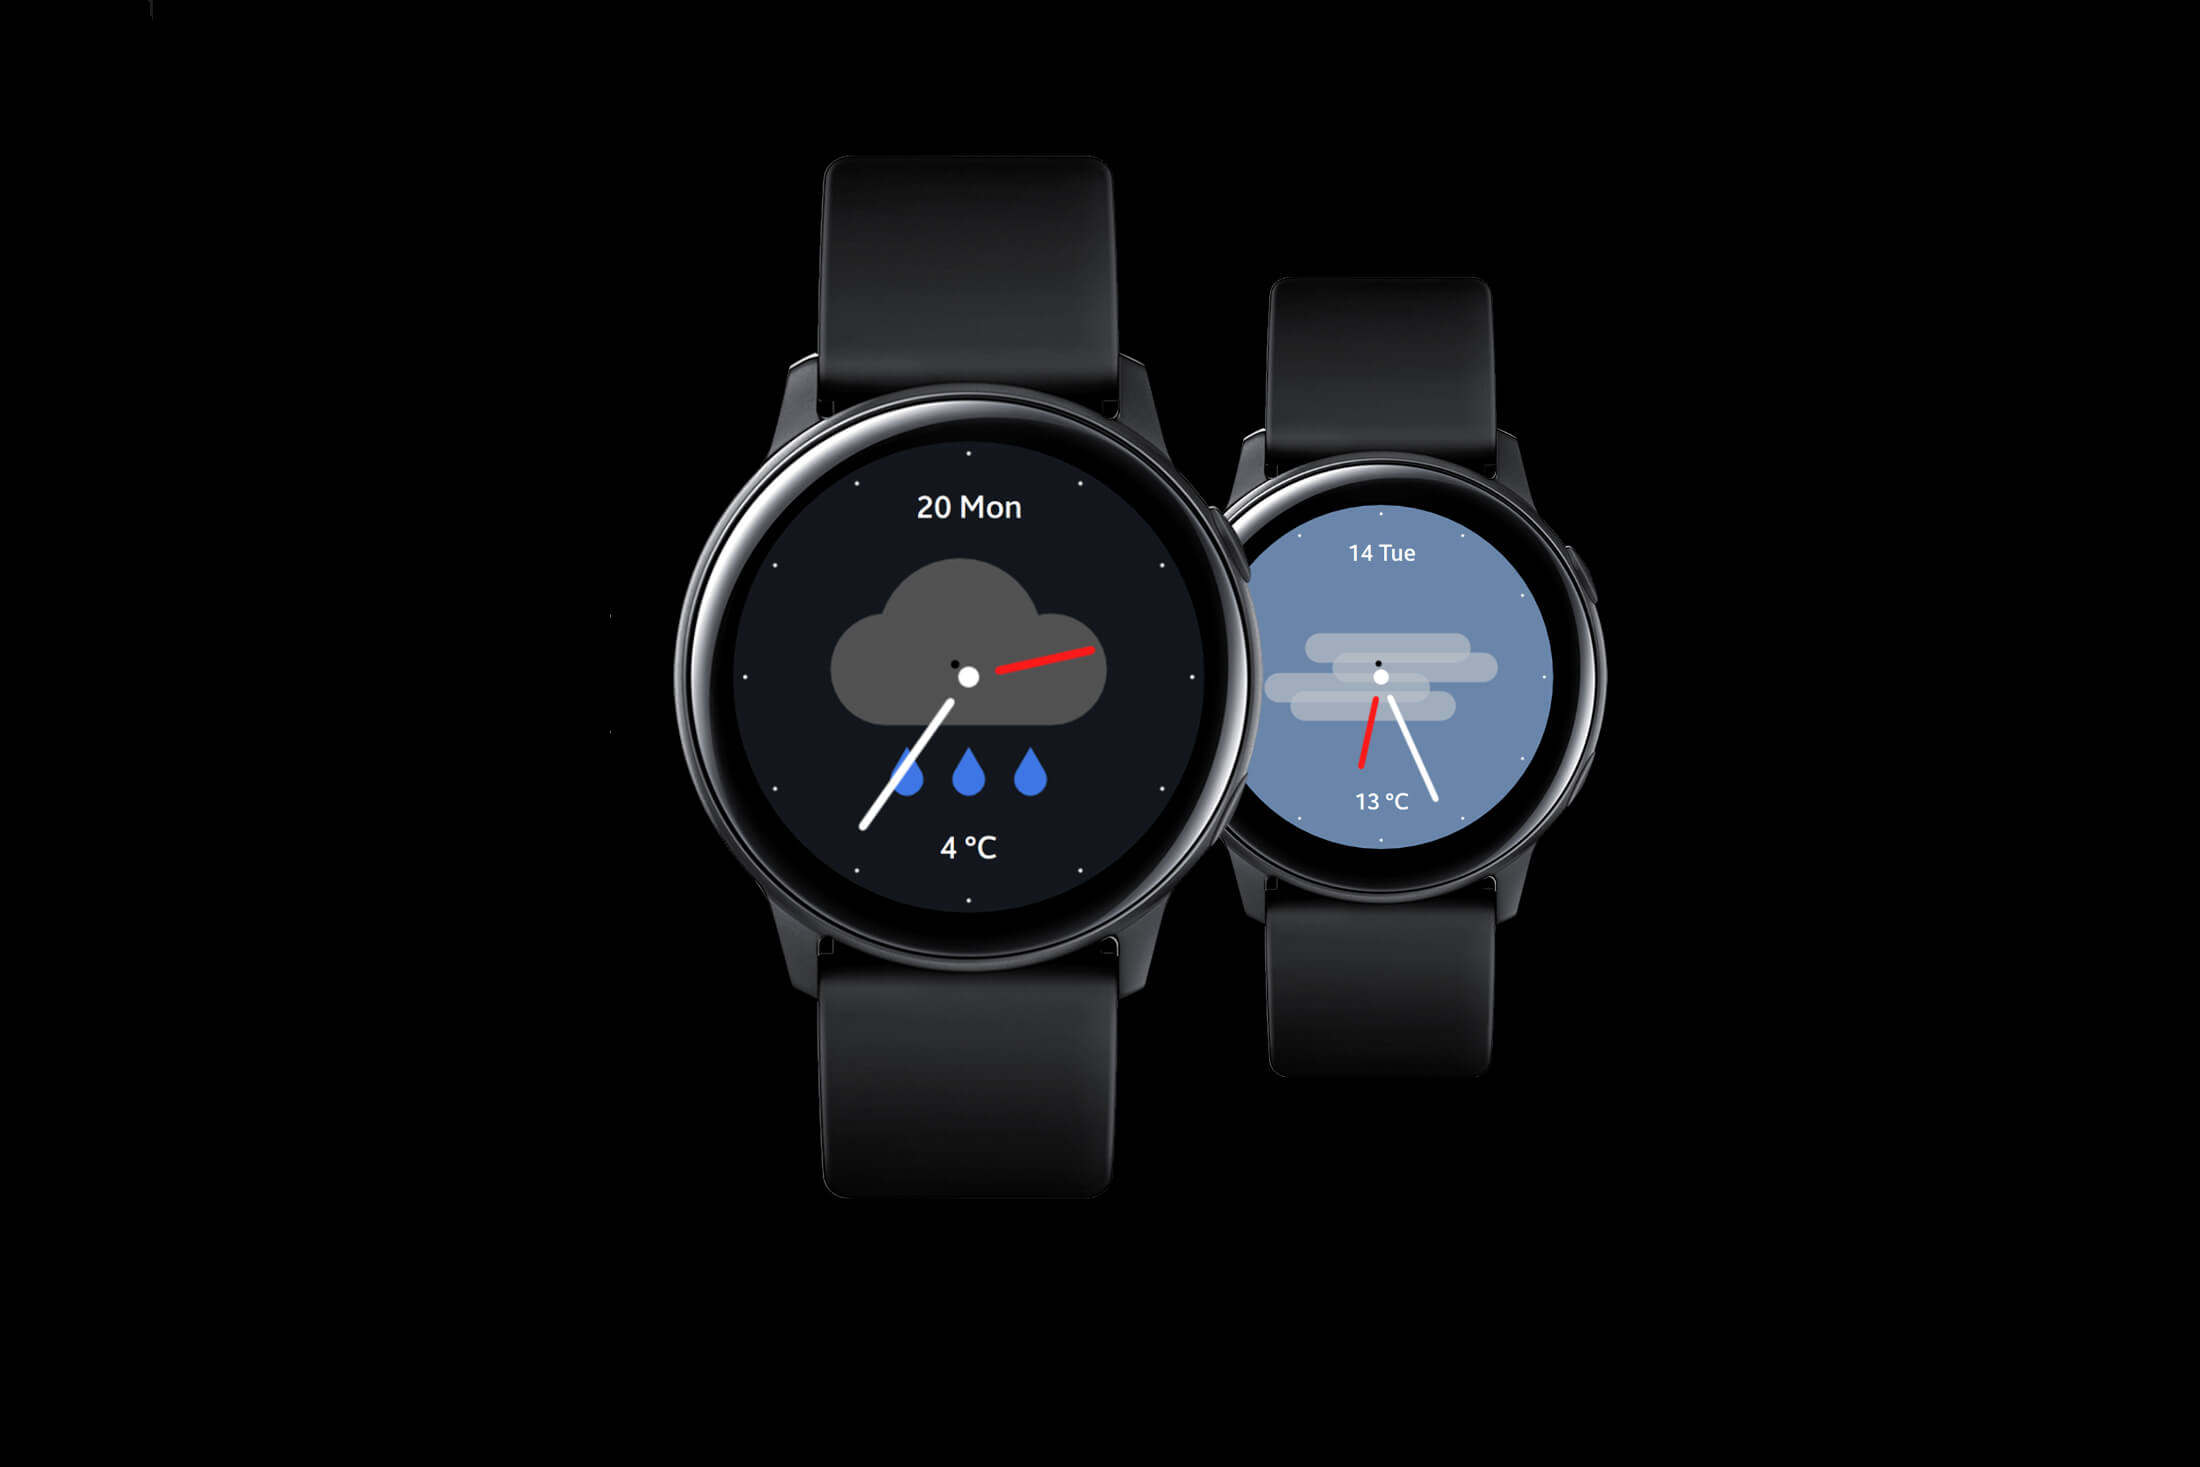 Смарт-часы Samsung Galaxy Watch 4 будут доступны в трех версиях и получат Wear OS с оболочкой One UI